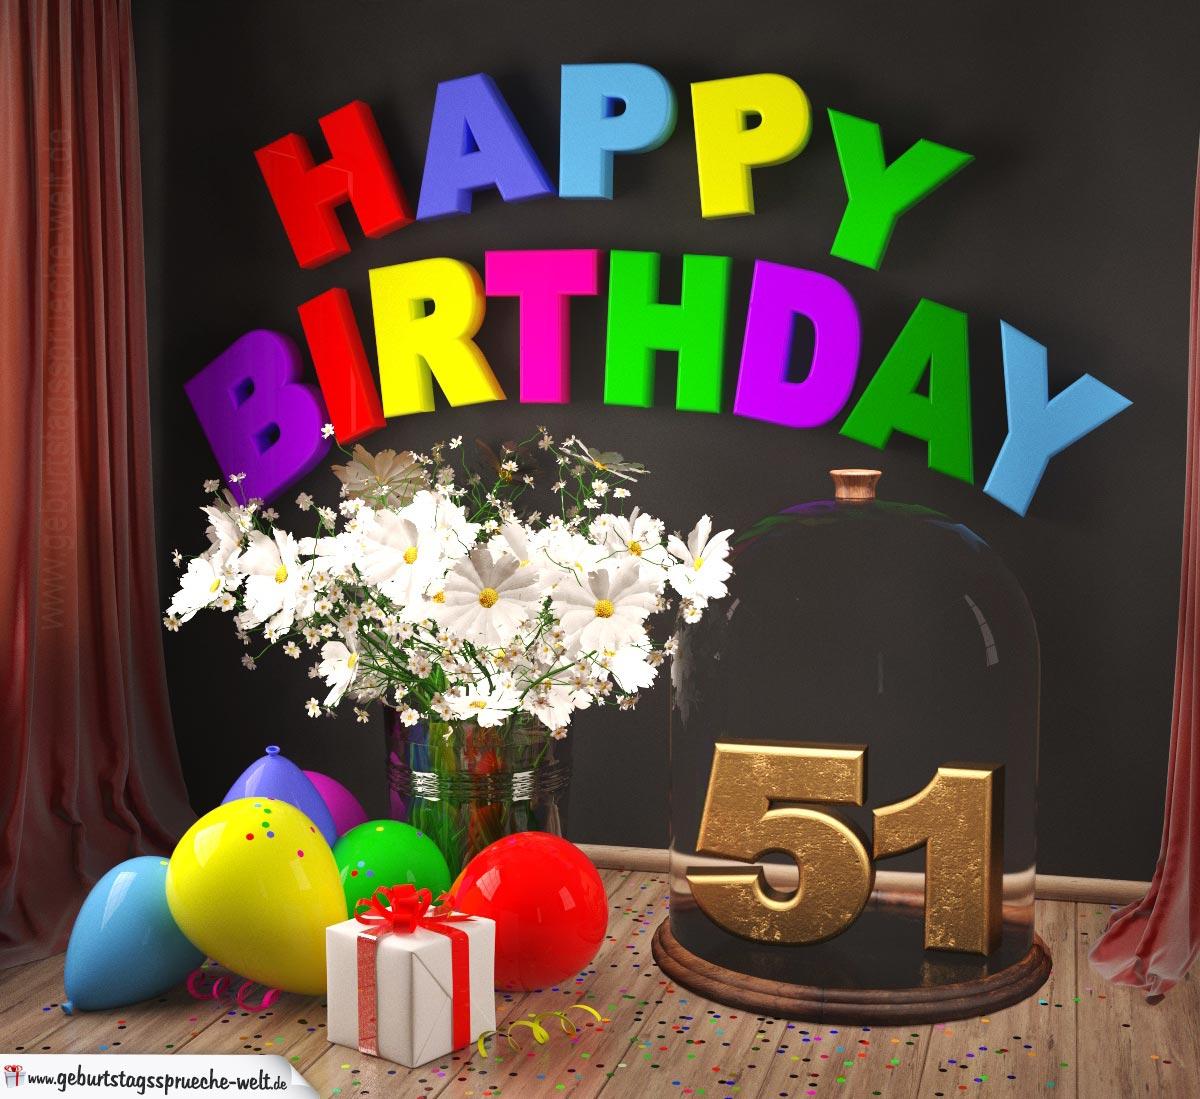 Happy Birthday 51 Jahre Glückwunschkarte mit Margeriten-Blumenstrauß, Luftballons und Geschenk unter Glasglocke